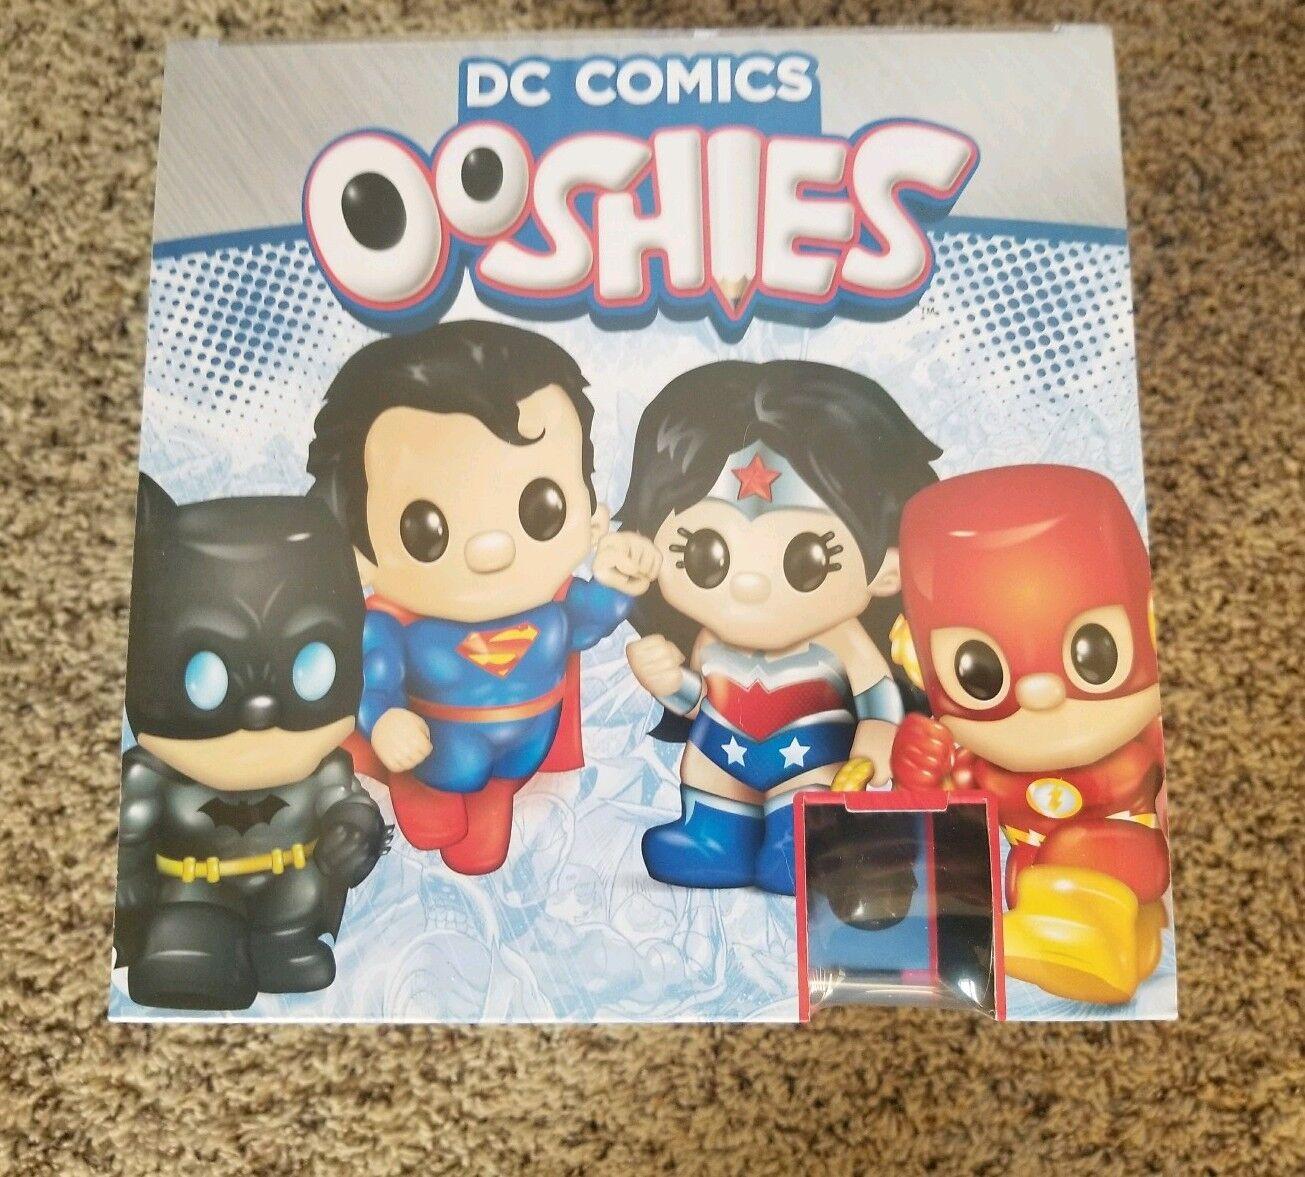 Volle versiegelt bei dc comics ooshies blind.